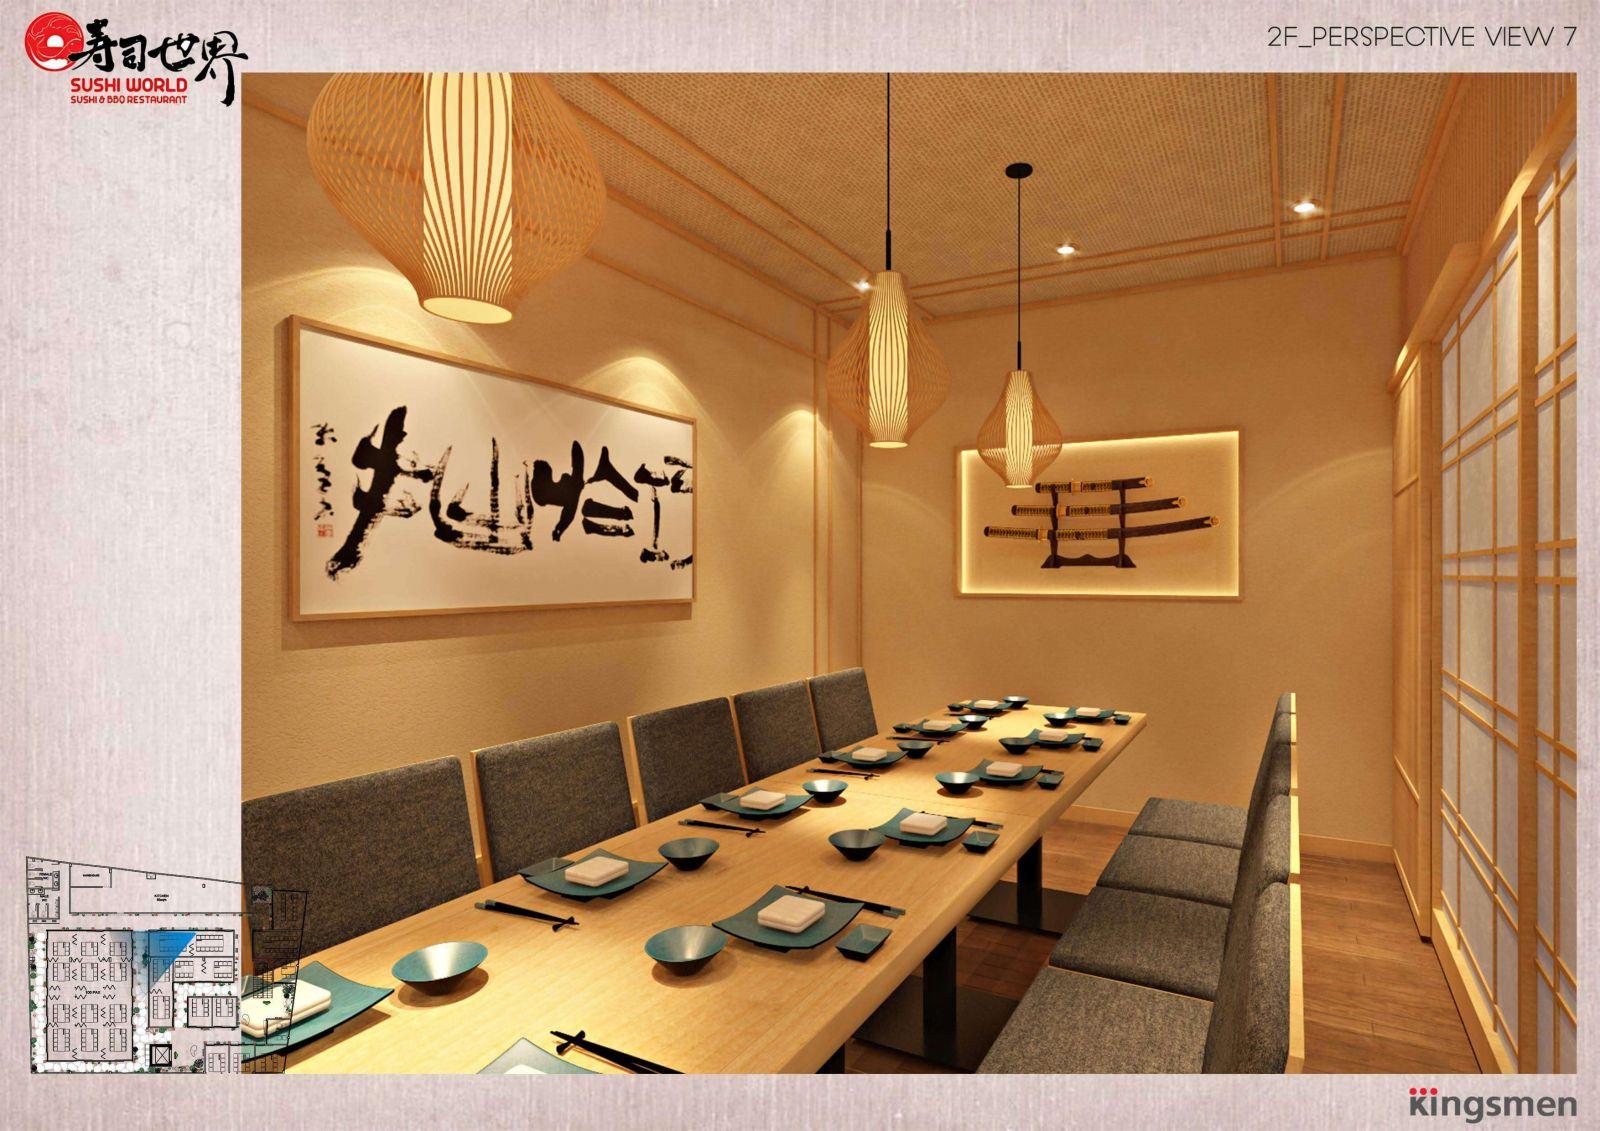 thiết kế những bộ bàn nhóm kết hợp ghế đơn hoàn hảo trong không gian nội thất